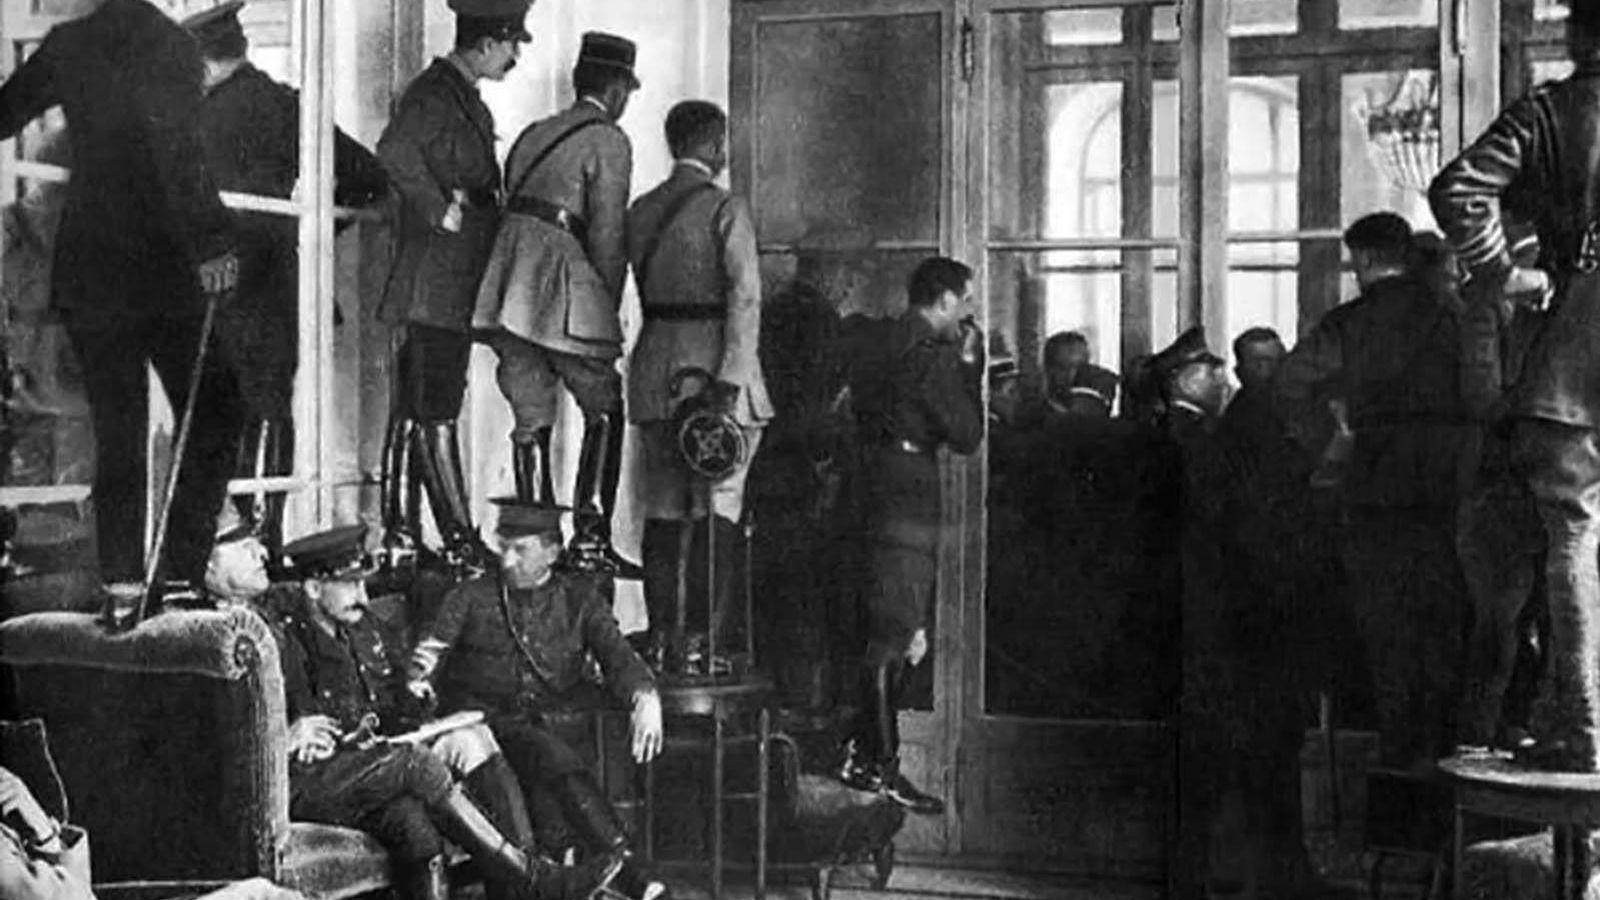 Foto: Oficiales y políticos se suben a los muebles para observar la firma del Tratado de Versalles tras la Primera Guerra Mundial el 28 de junio de 1919.